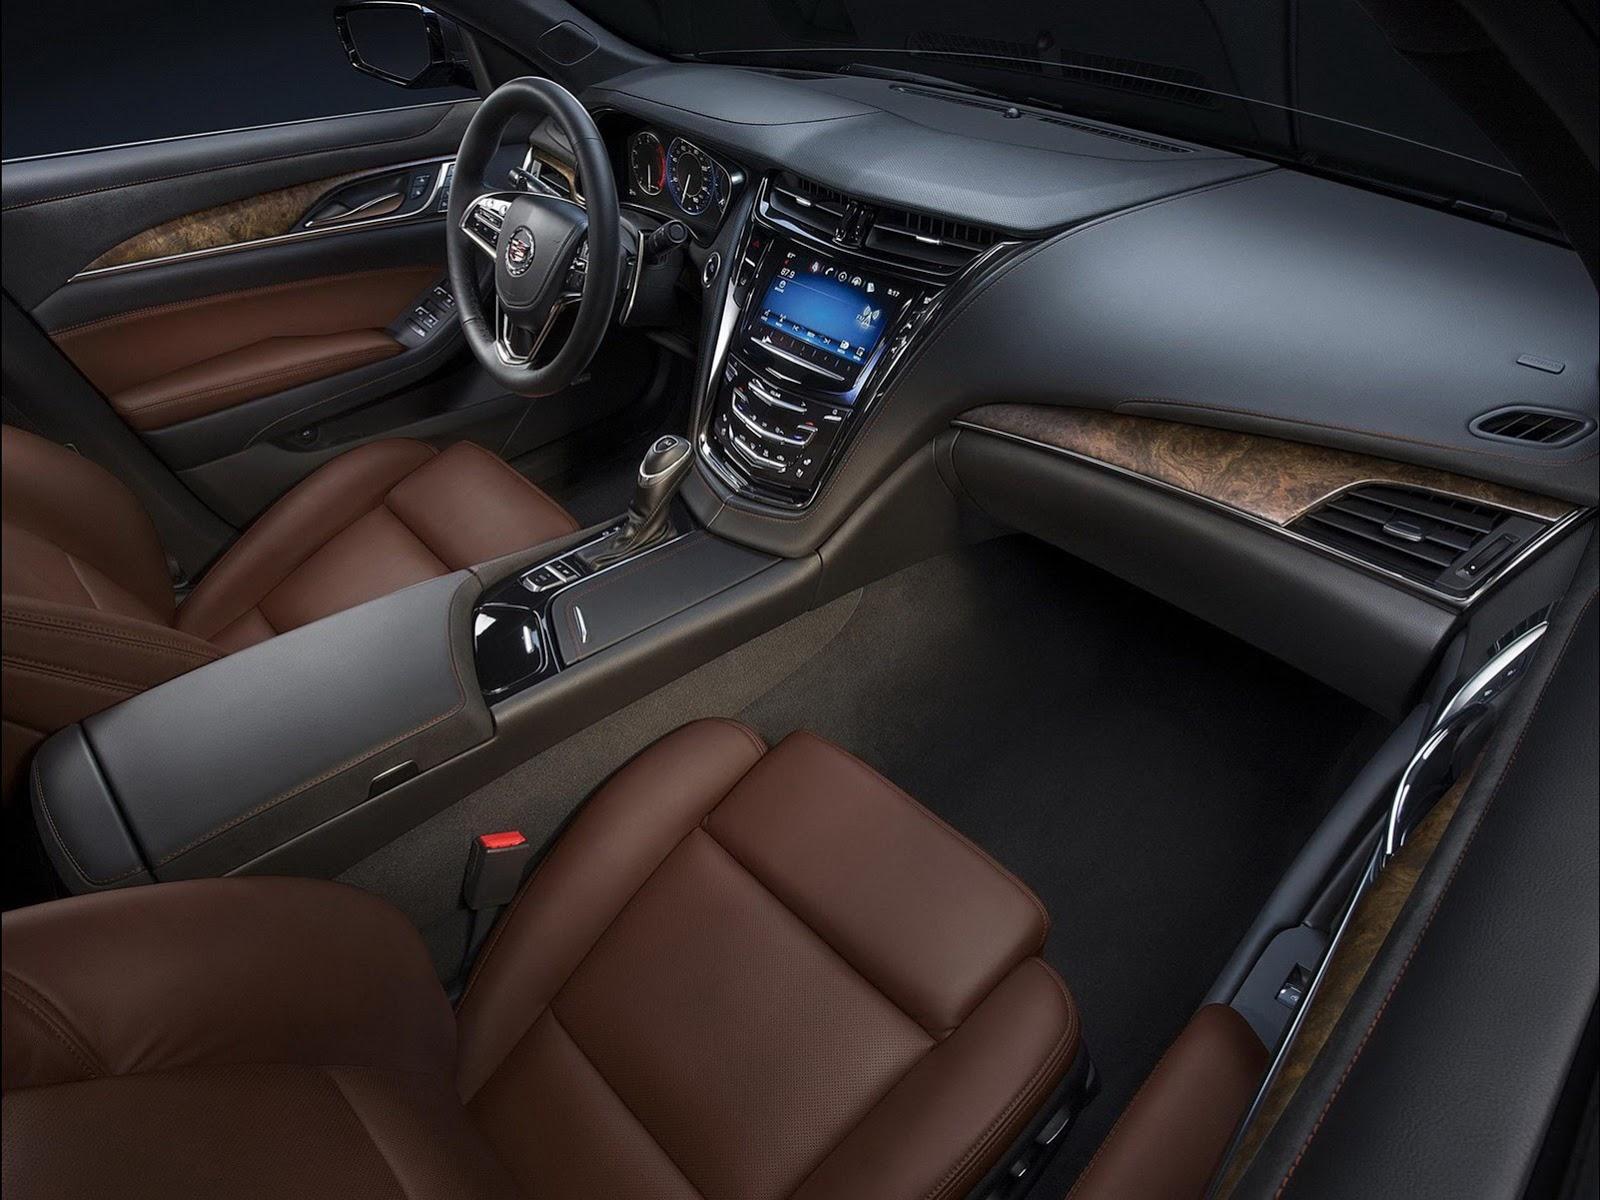 Cadillac Cars News 2014 Cts Revealed Ahead Of Ny Show